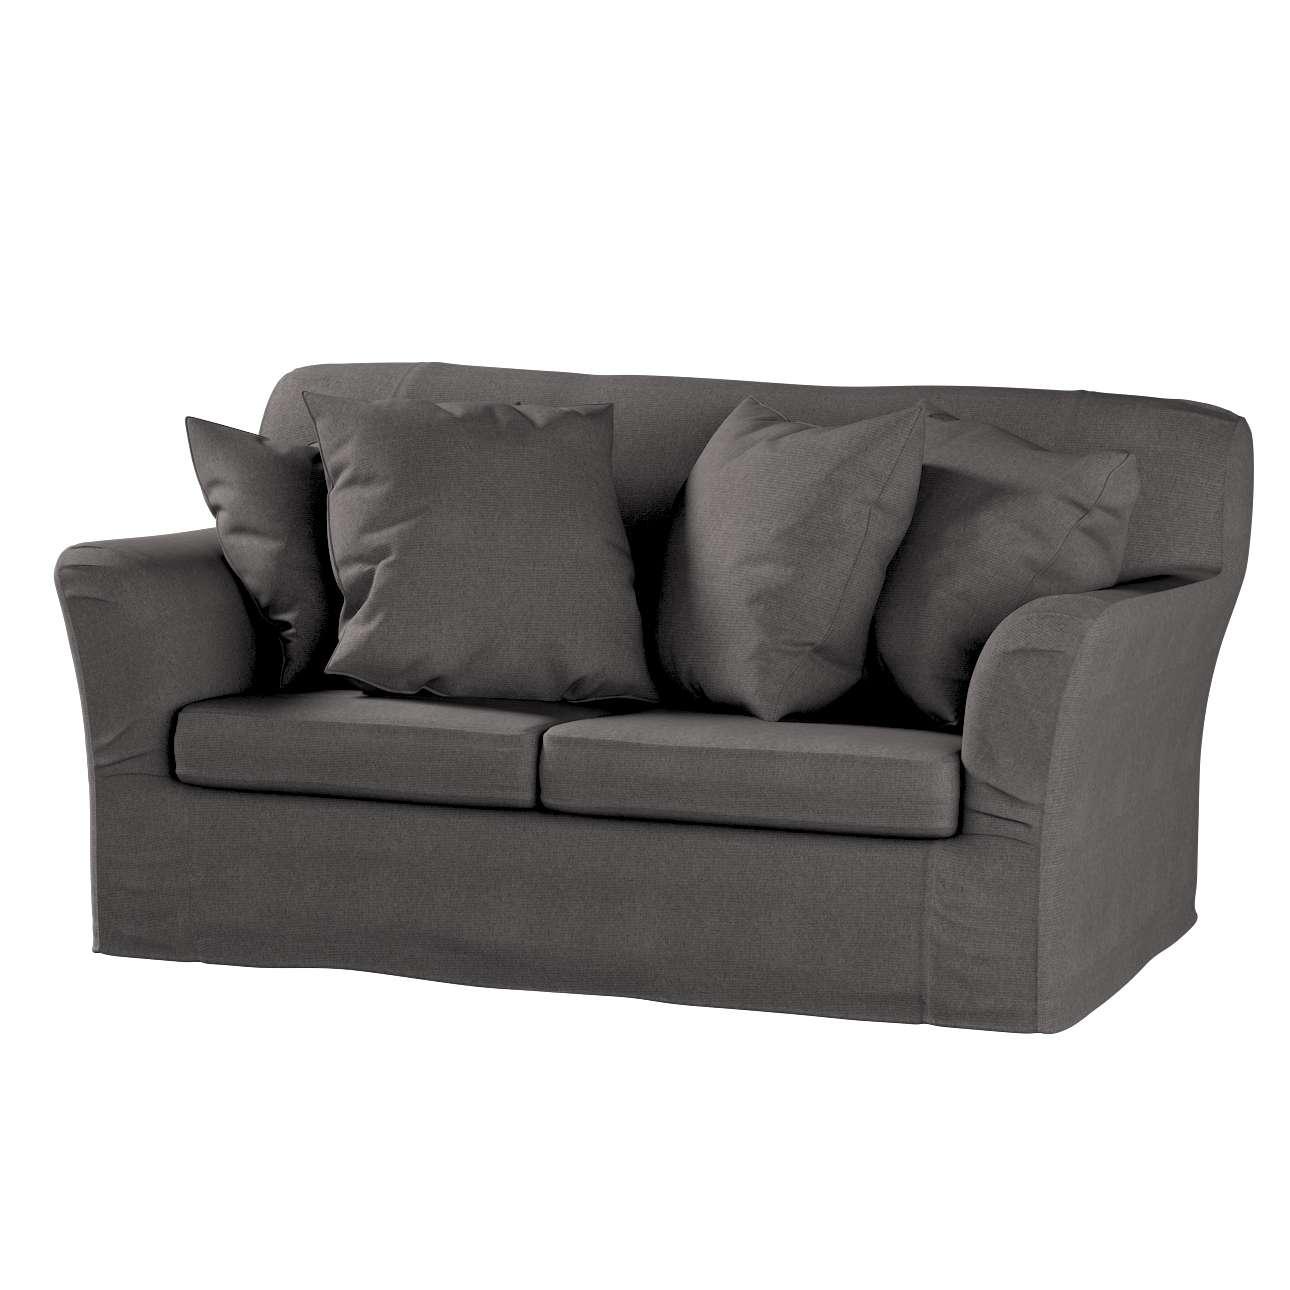 Pokrowiec na sofę Tomelilla 2-osobową nierozkładaną Sofa Tomelilla 2-osobowa w kolekcji Etna , tkanina: 705-35